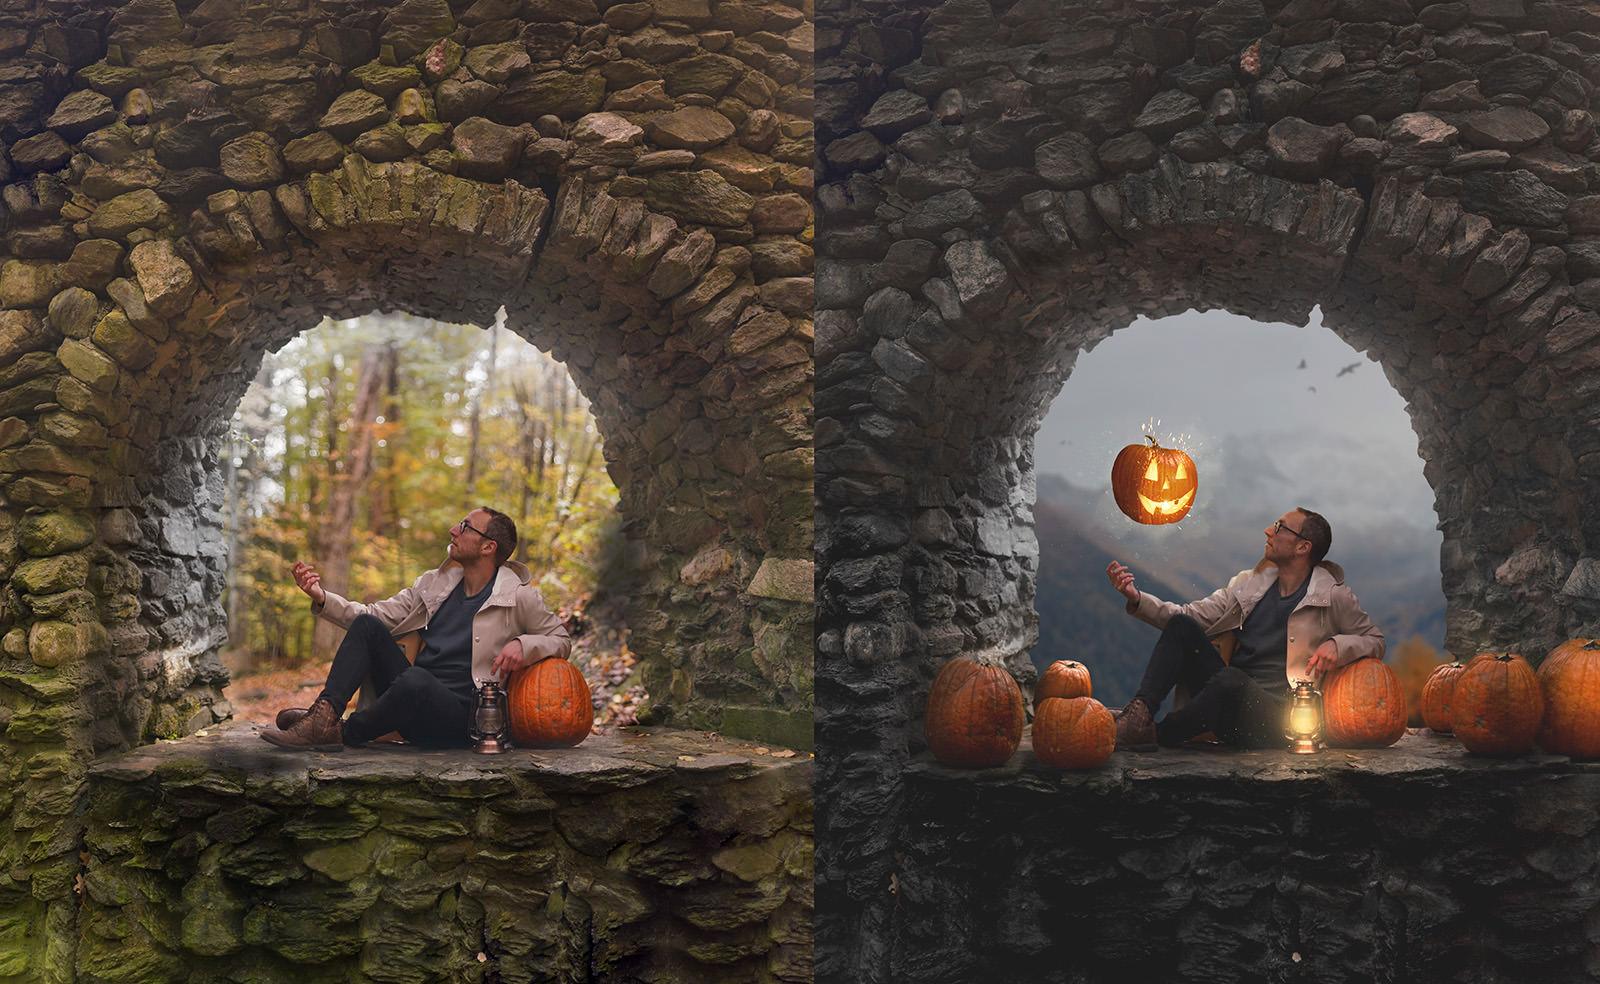 Joel Robison Great Pumpkin